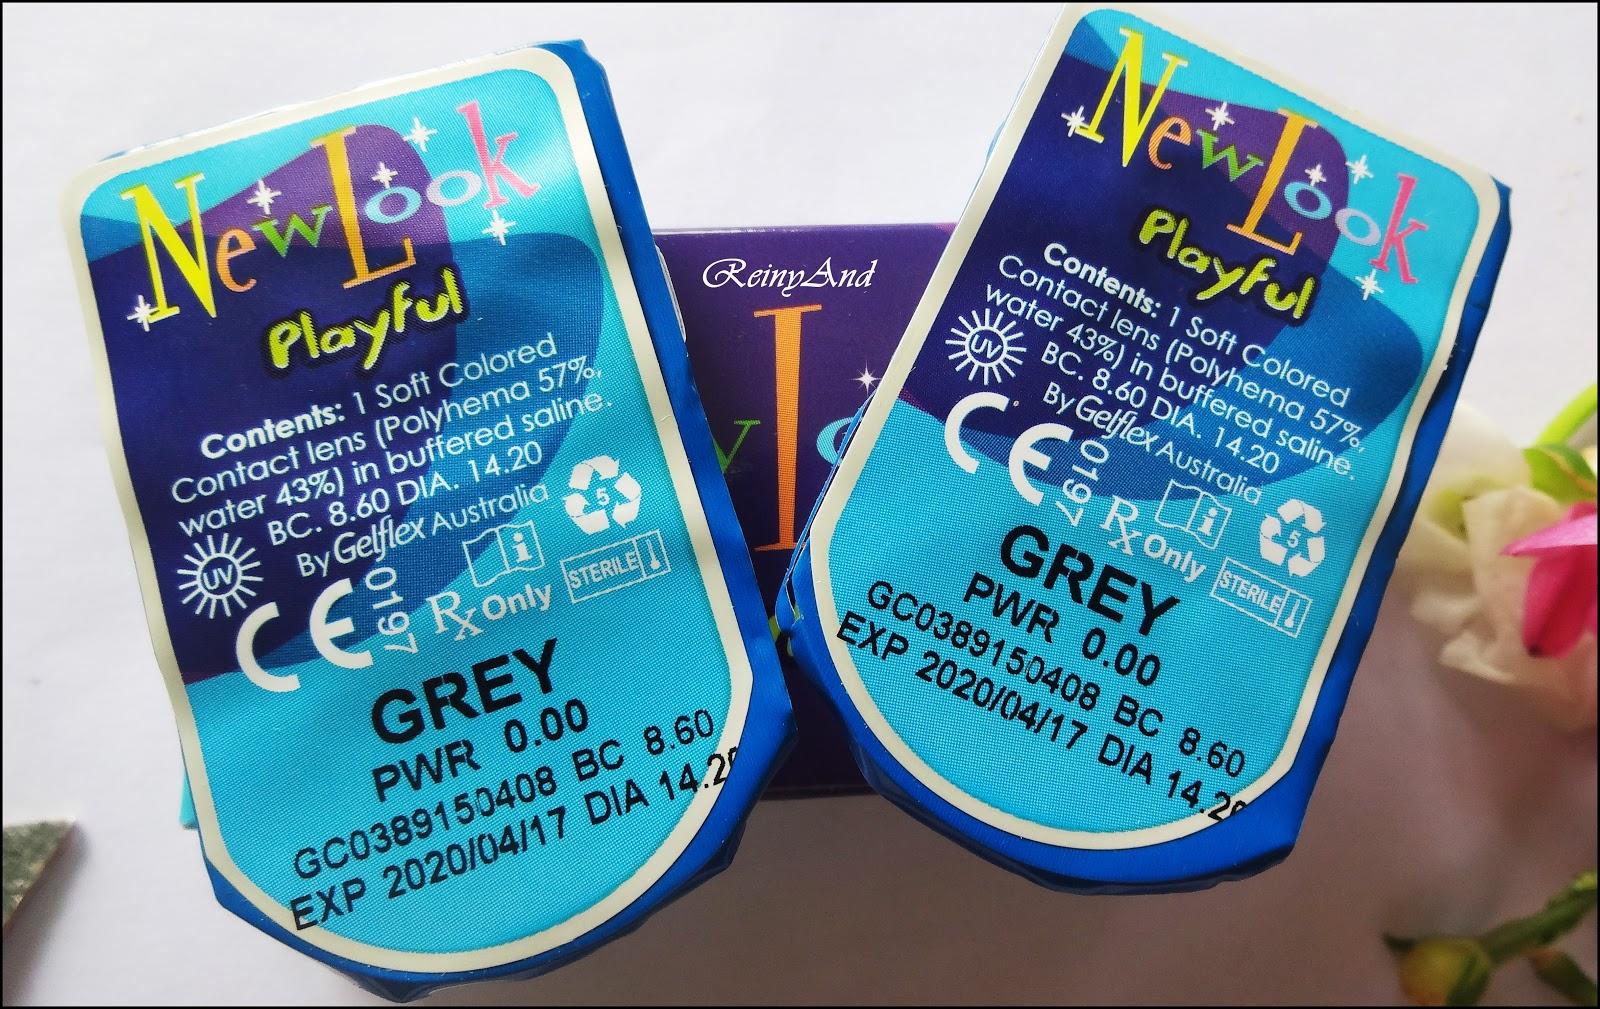 Review New Look Playful In Grey Andianis Beauty Journal Newlook Di Dalam Box Nya Terdapat 1 Pasang Softlens Yang Bungkus Dengan Seal Ini Tidak Dapat Lens Case Hanya Berisi Saja